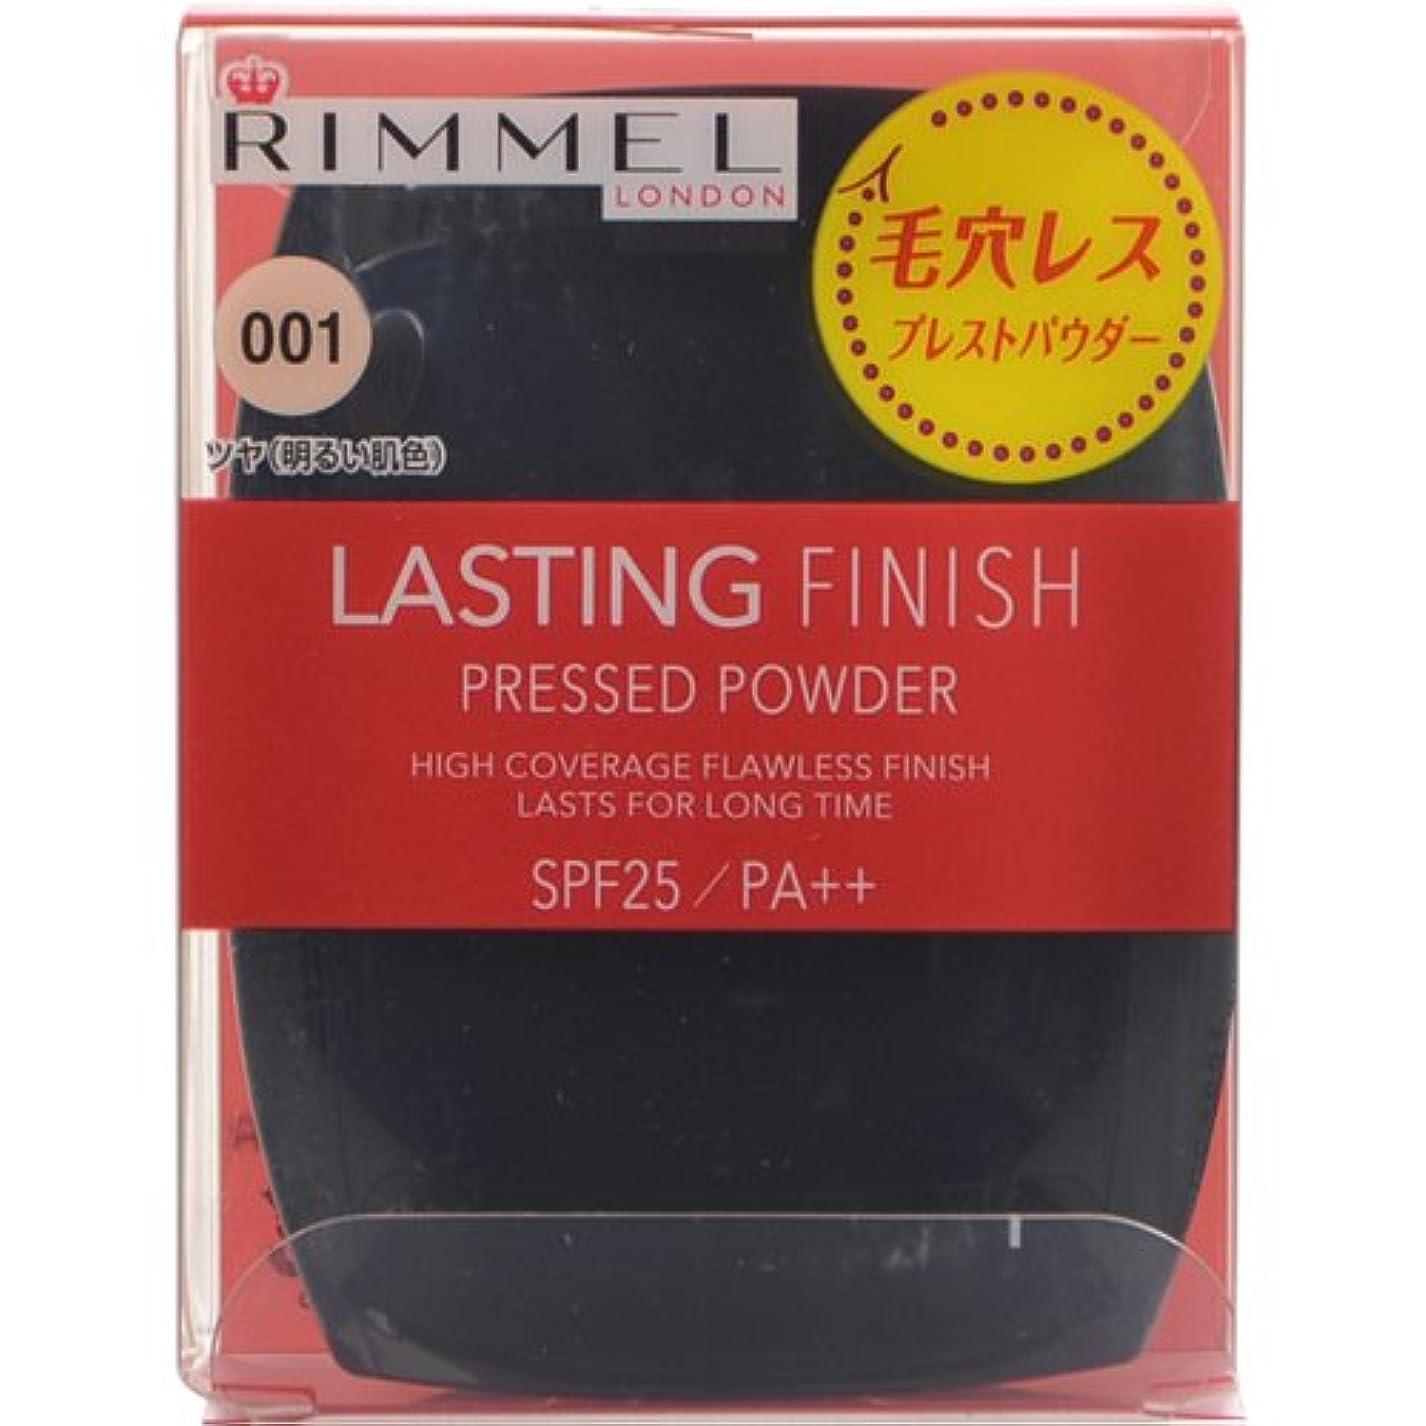 乳剤地中海勝利したリンメル ラスティングプレストパウダー001 明るい肌色ツヤ肌 7g SPF25?PA++